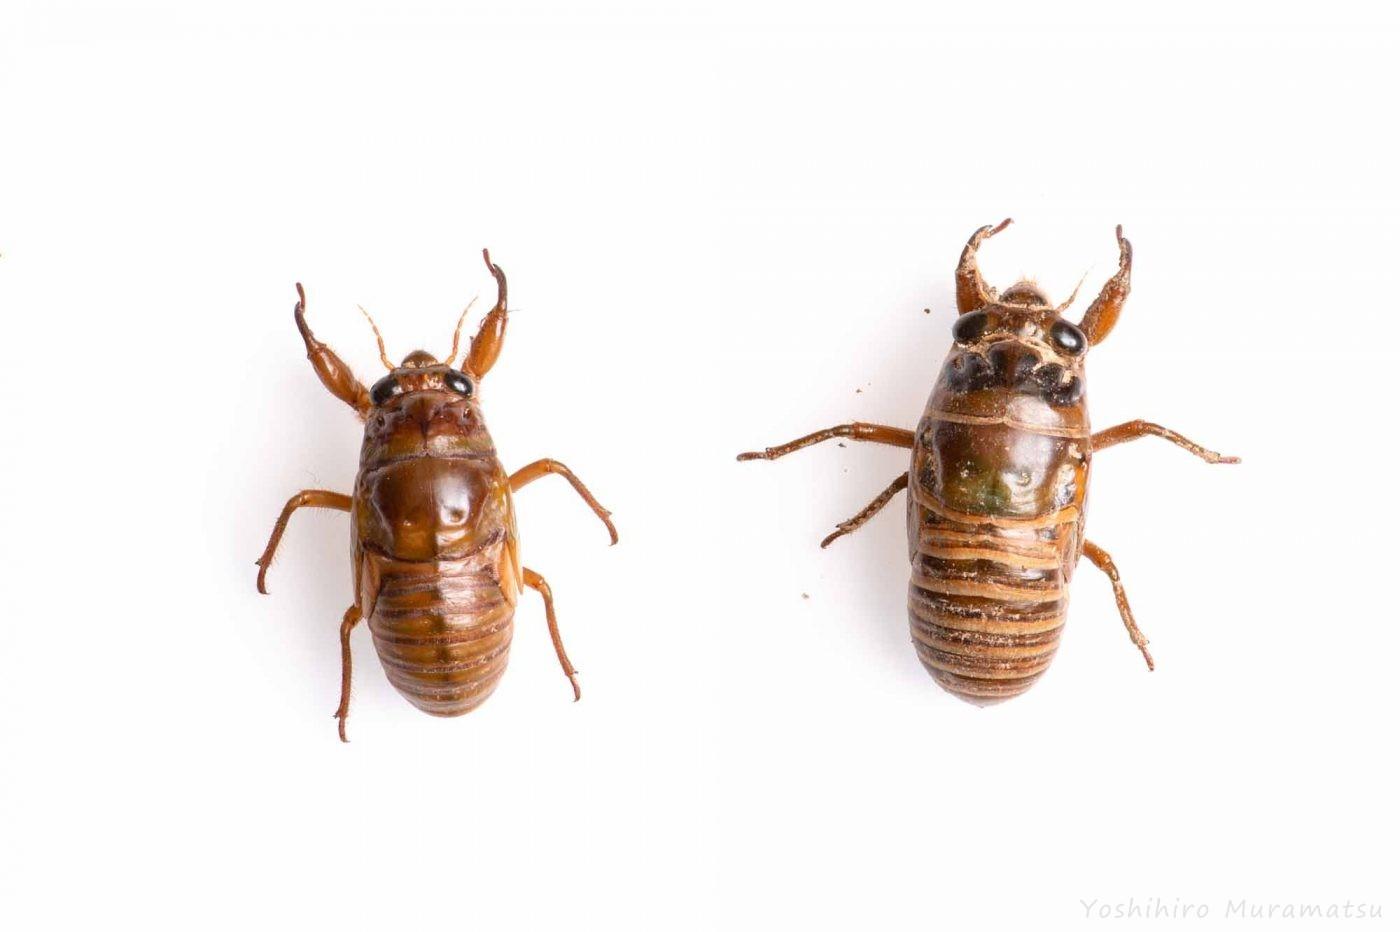 アブラゼミとクマゼミの幼虫の写真